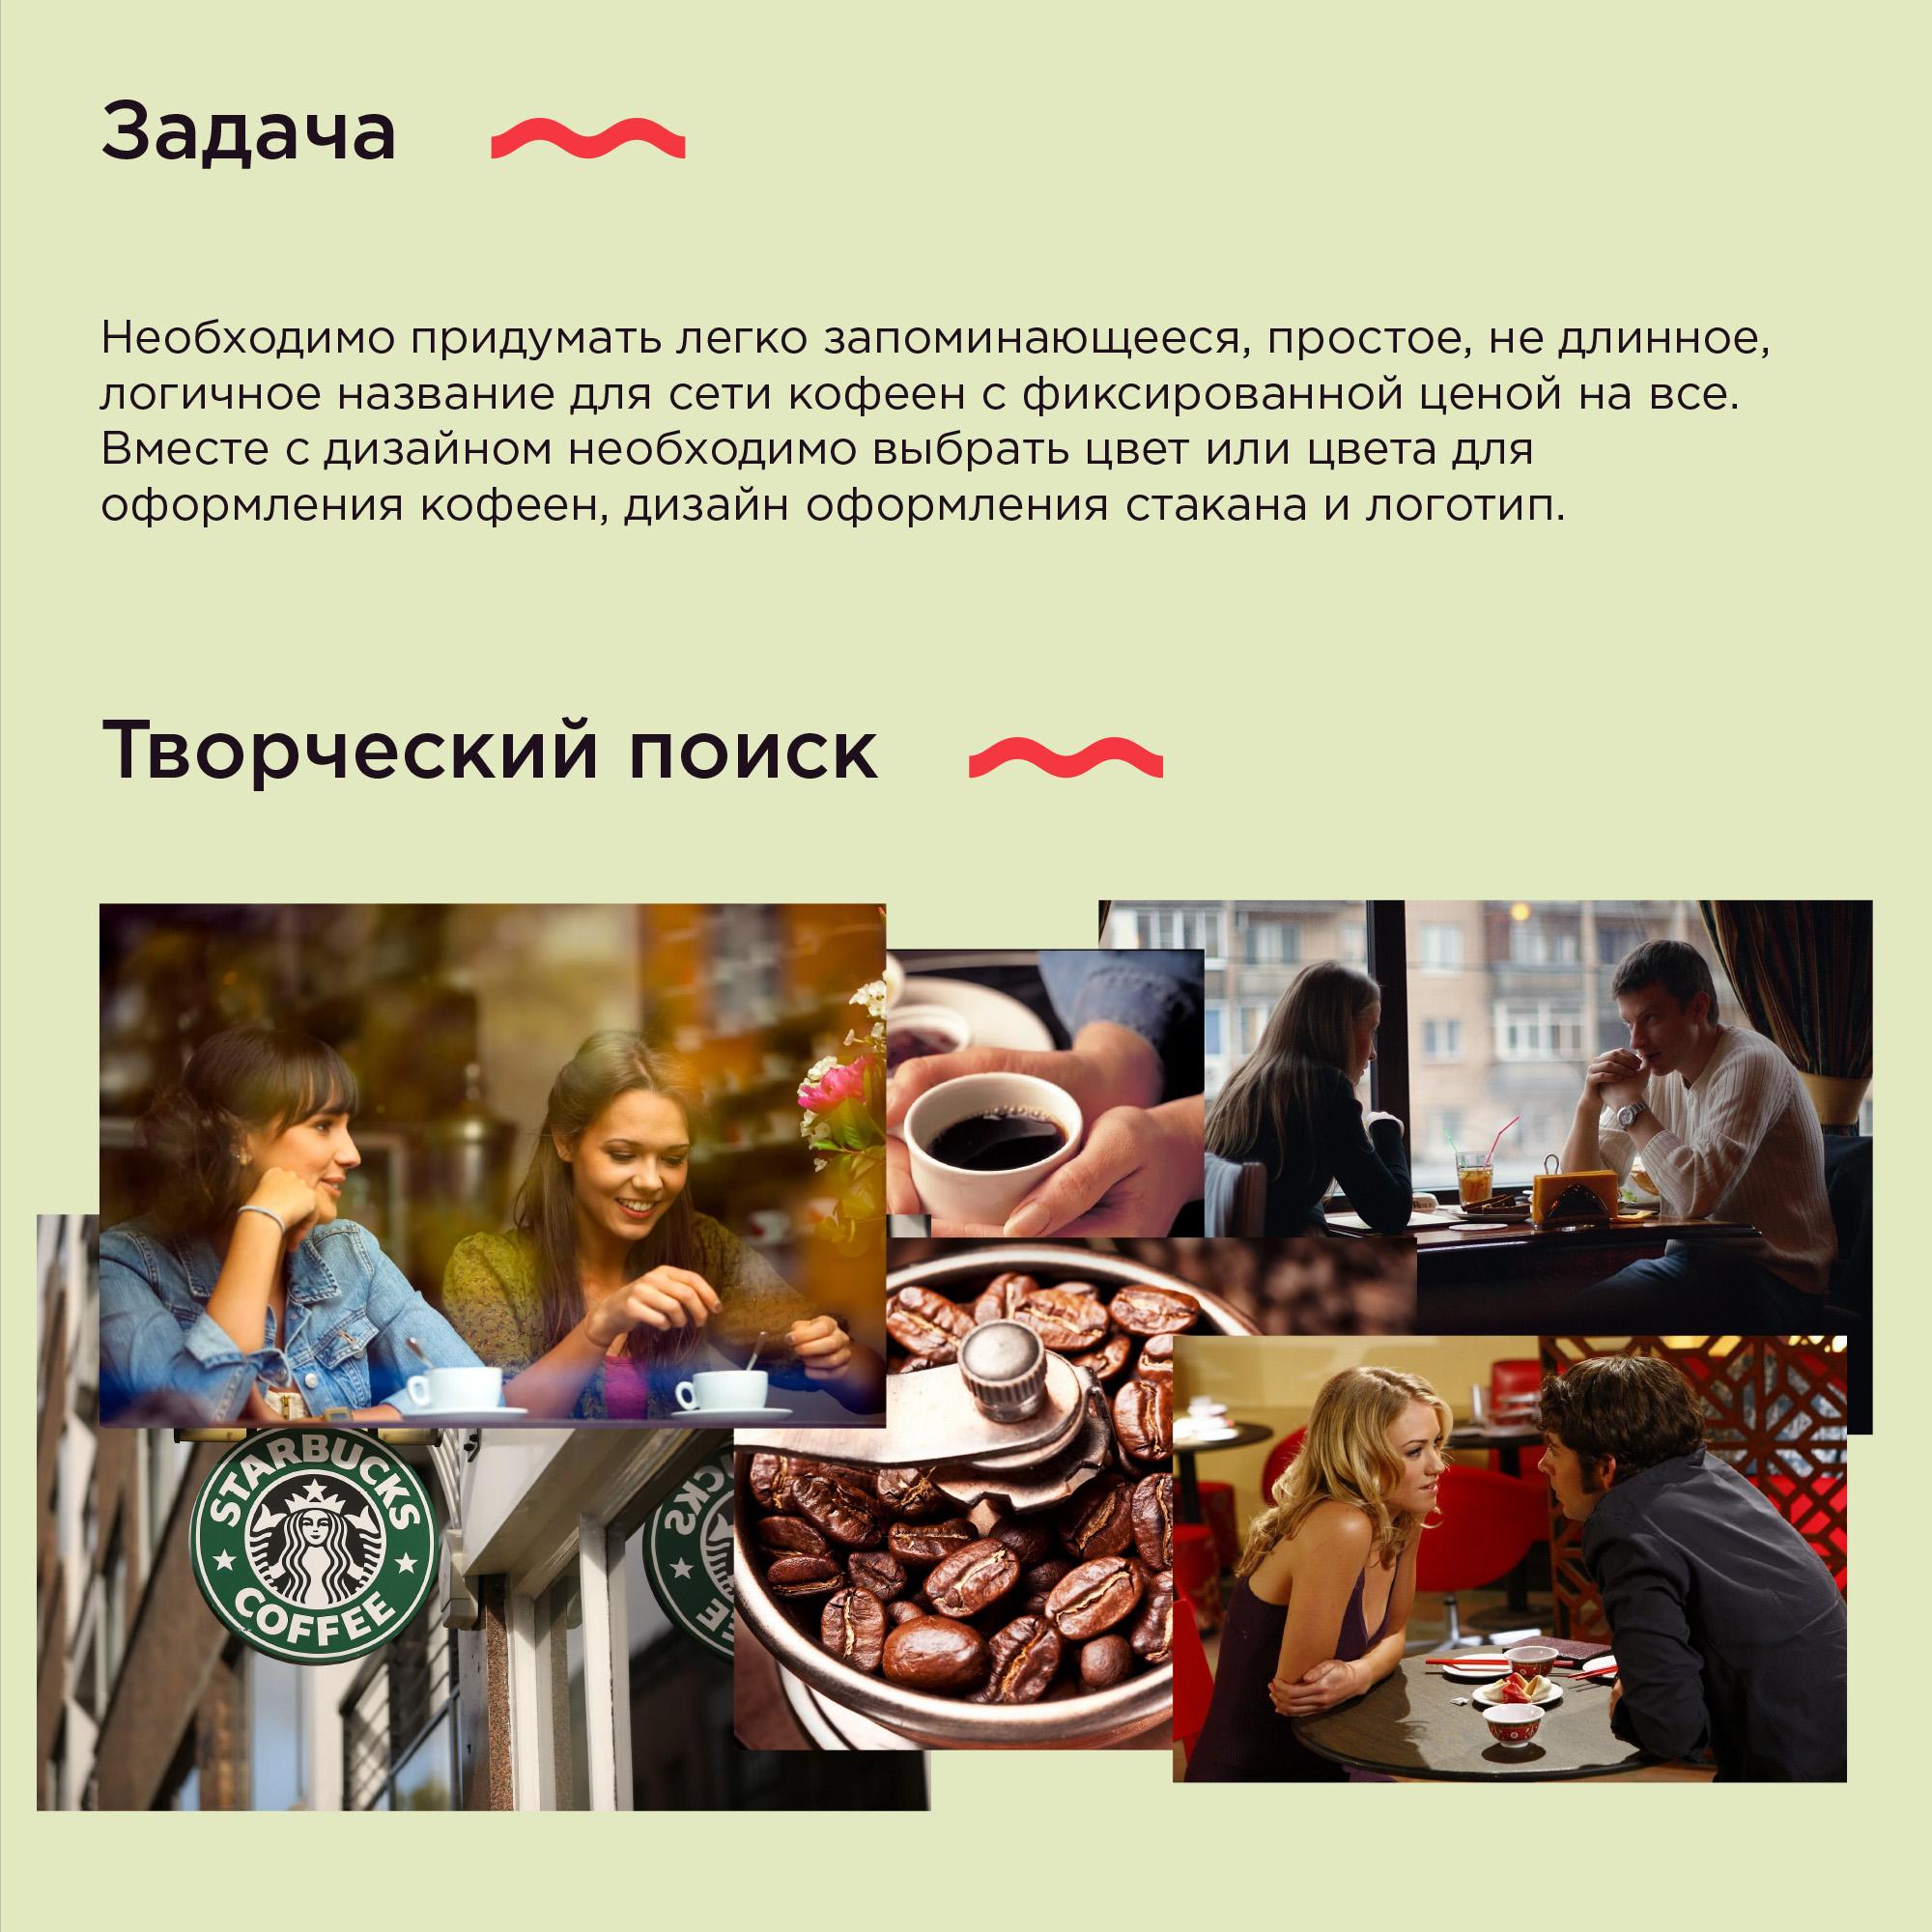 Название, цвета, логотип и дизайн оформления для сети кофеен фото f_5455ba3c1cdbdb53.jpg